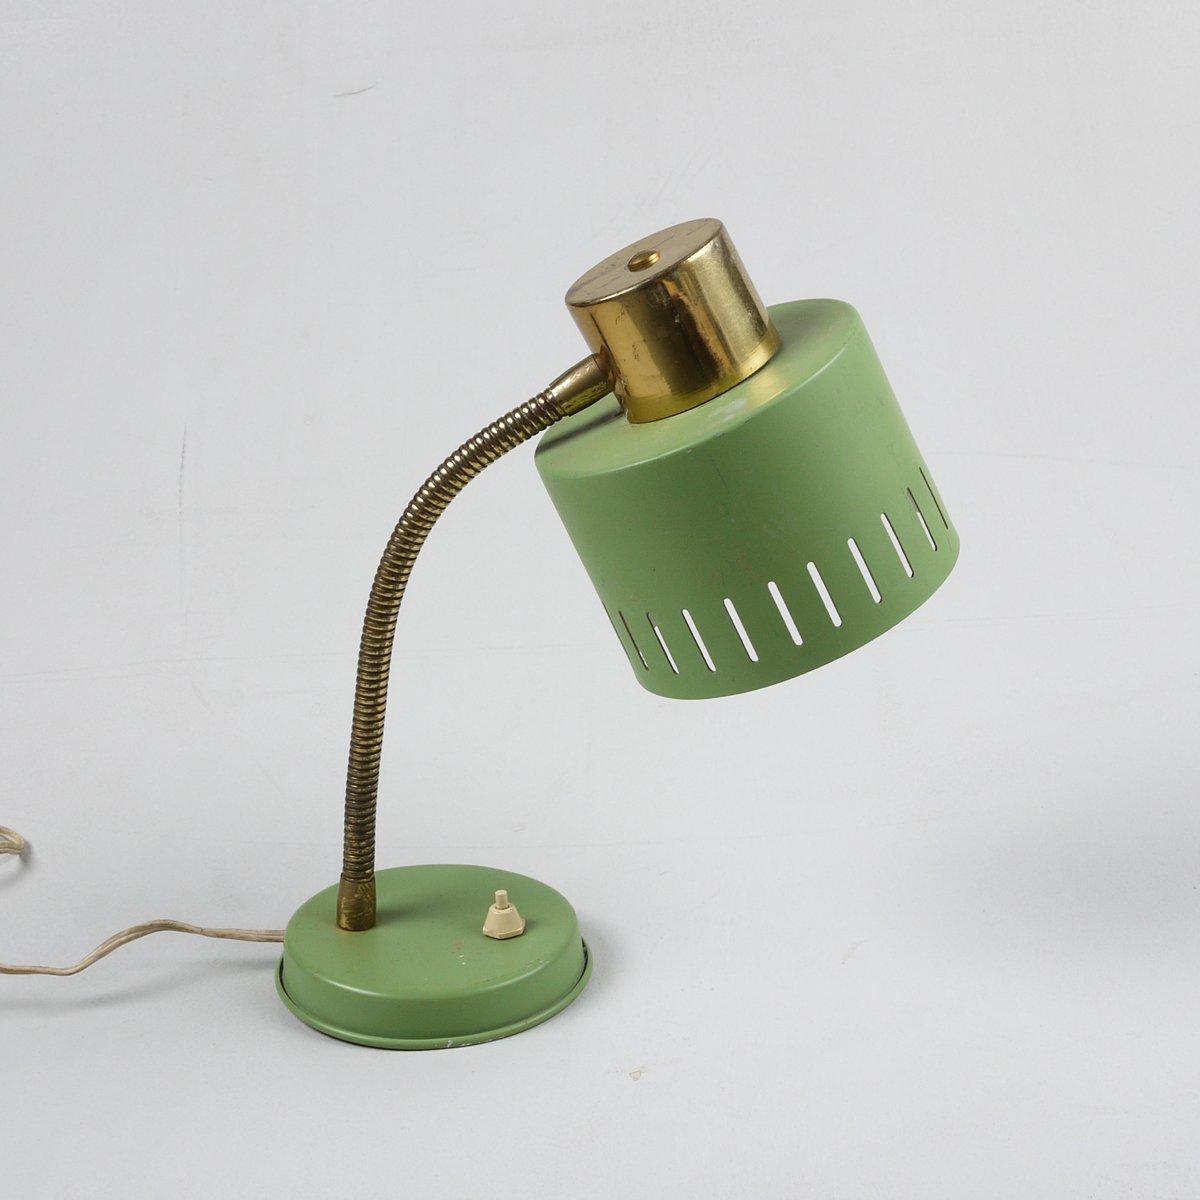 lampe de bureau pistachio vintage en vente sur pamono. Black Bedroom Furniture Sets. Home Design Ideas